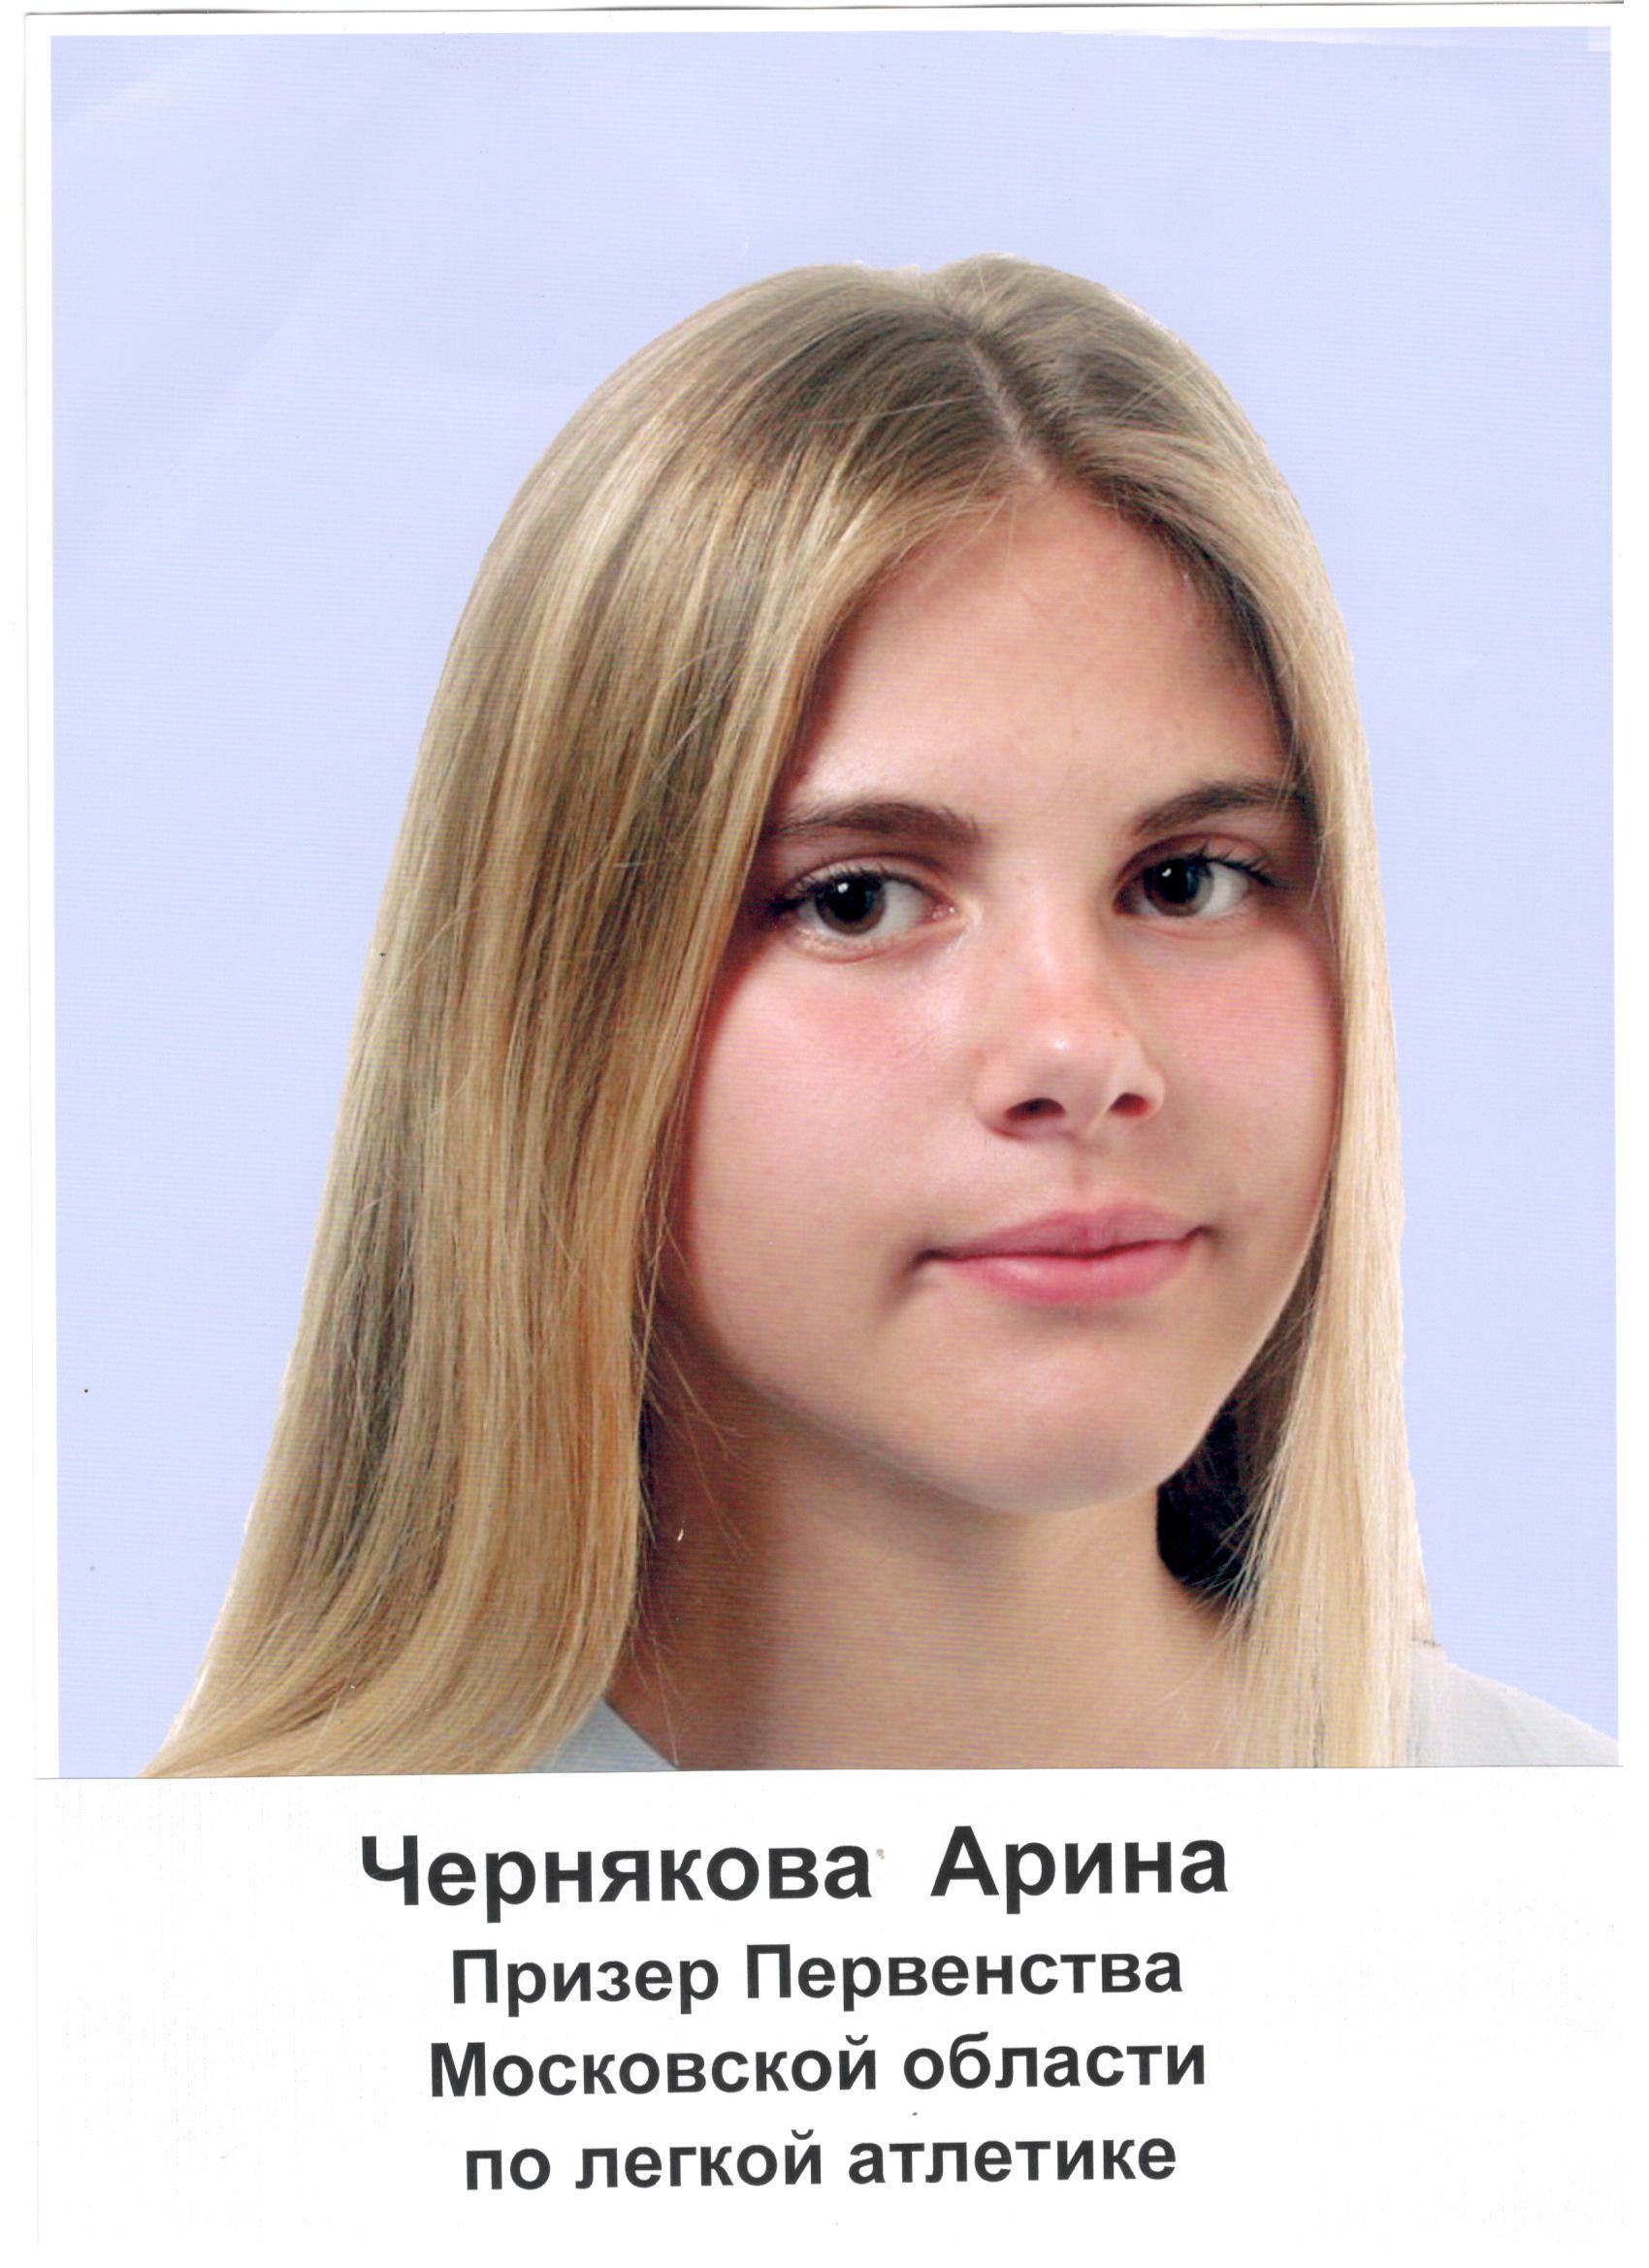 Чернякова Арина